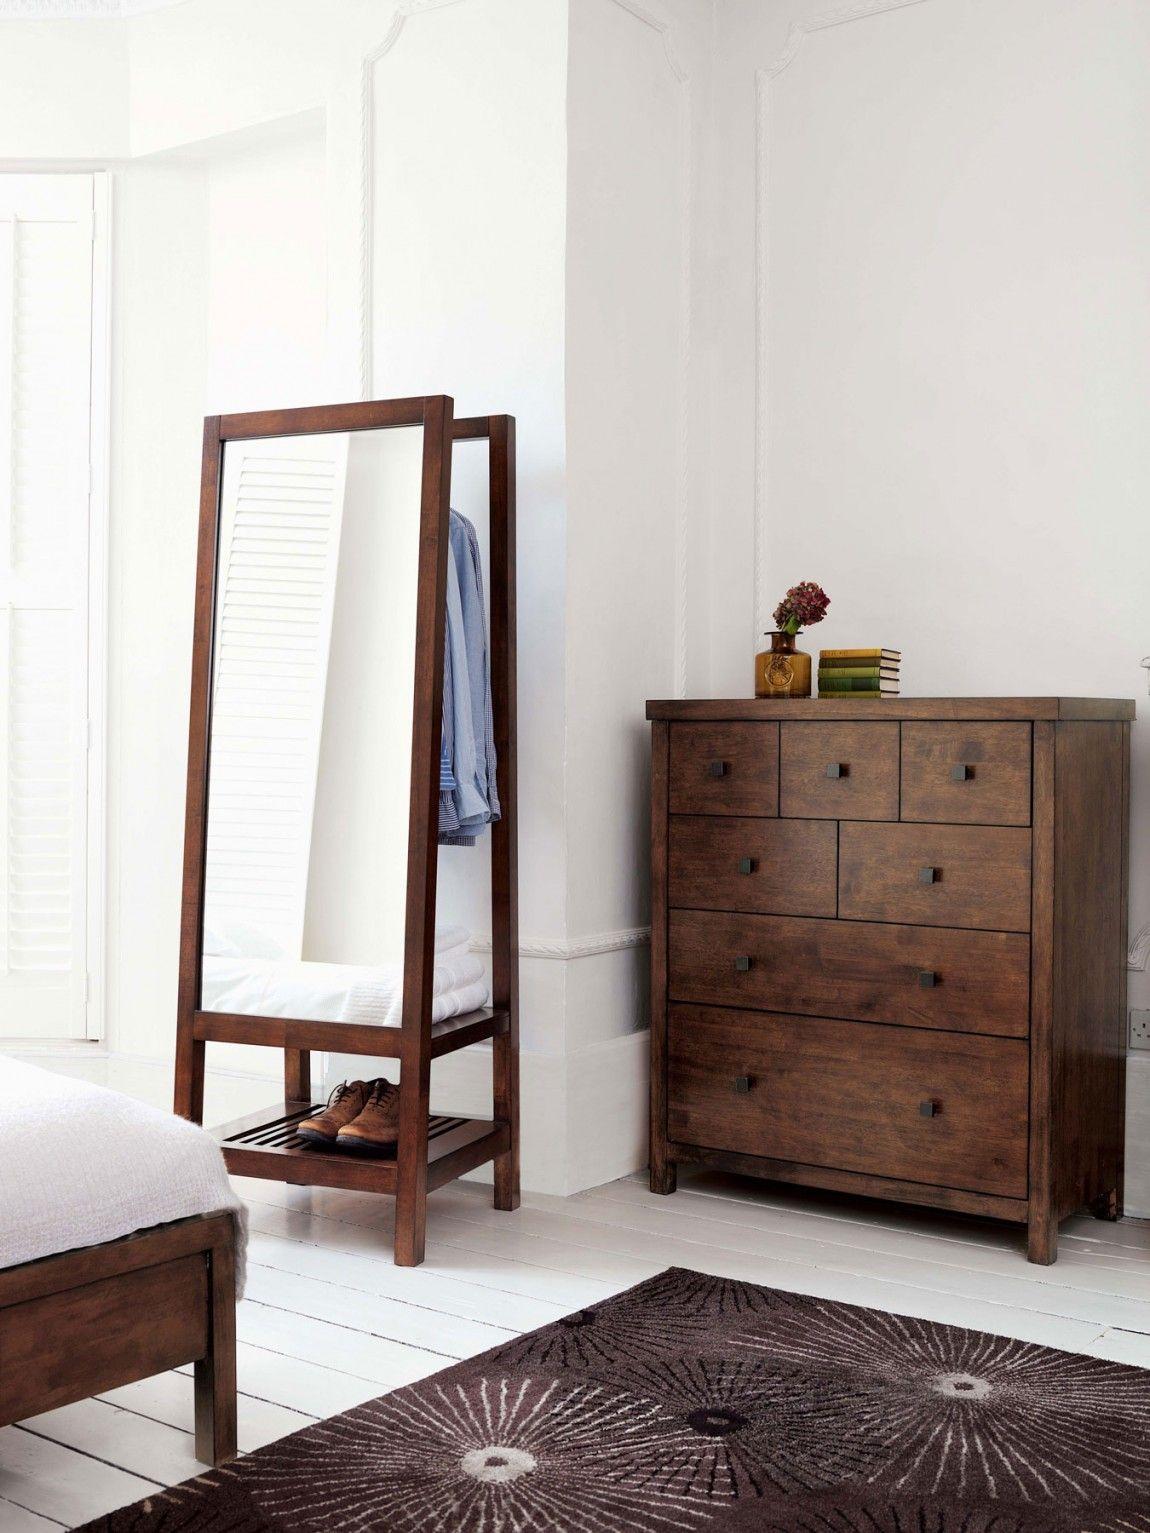 Espejo Perchero Mueble_multifuncional Multifunctional_furniture  # Muebles Multifuncionales Para Espacios Pequenos